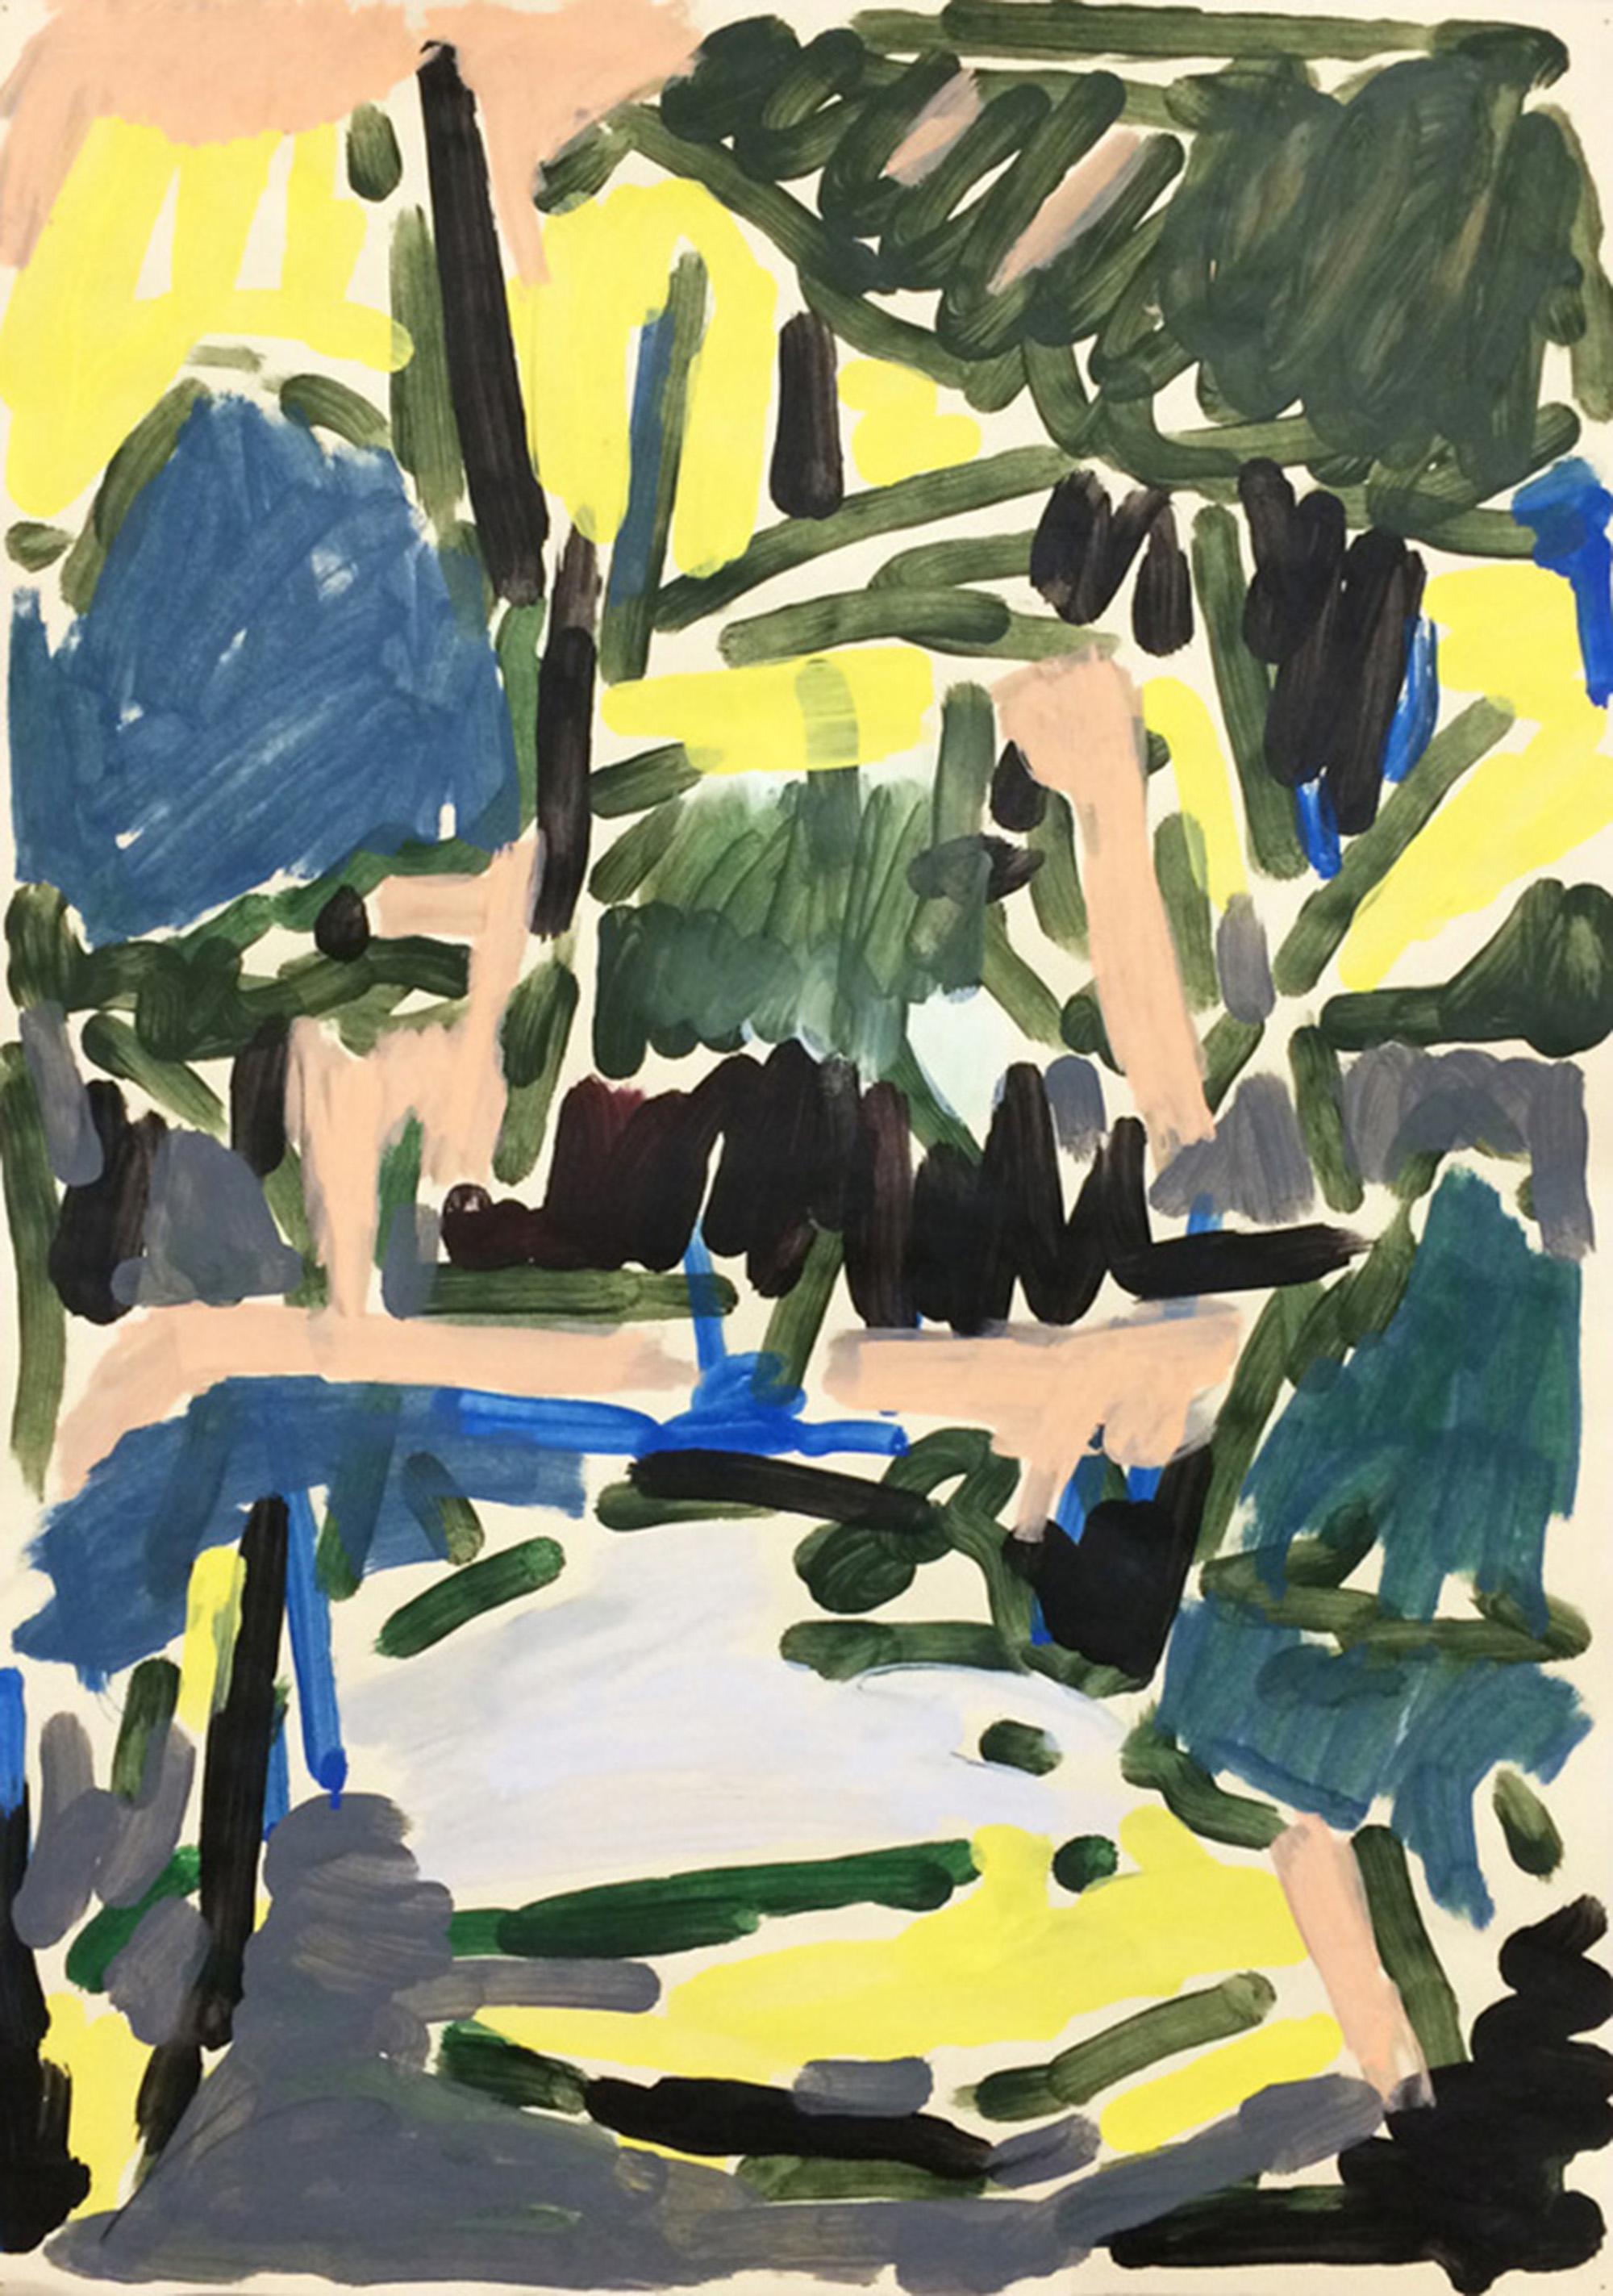 'Forest' by artist Tom Elliot - Image © Tom Elliot   www.tomelliot.co.uk